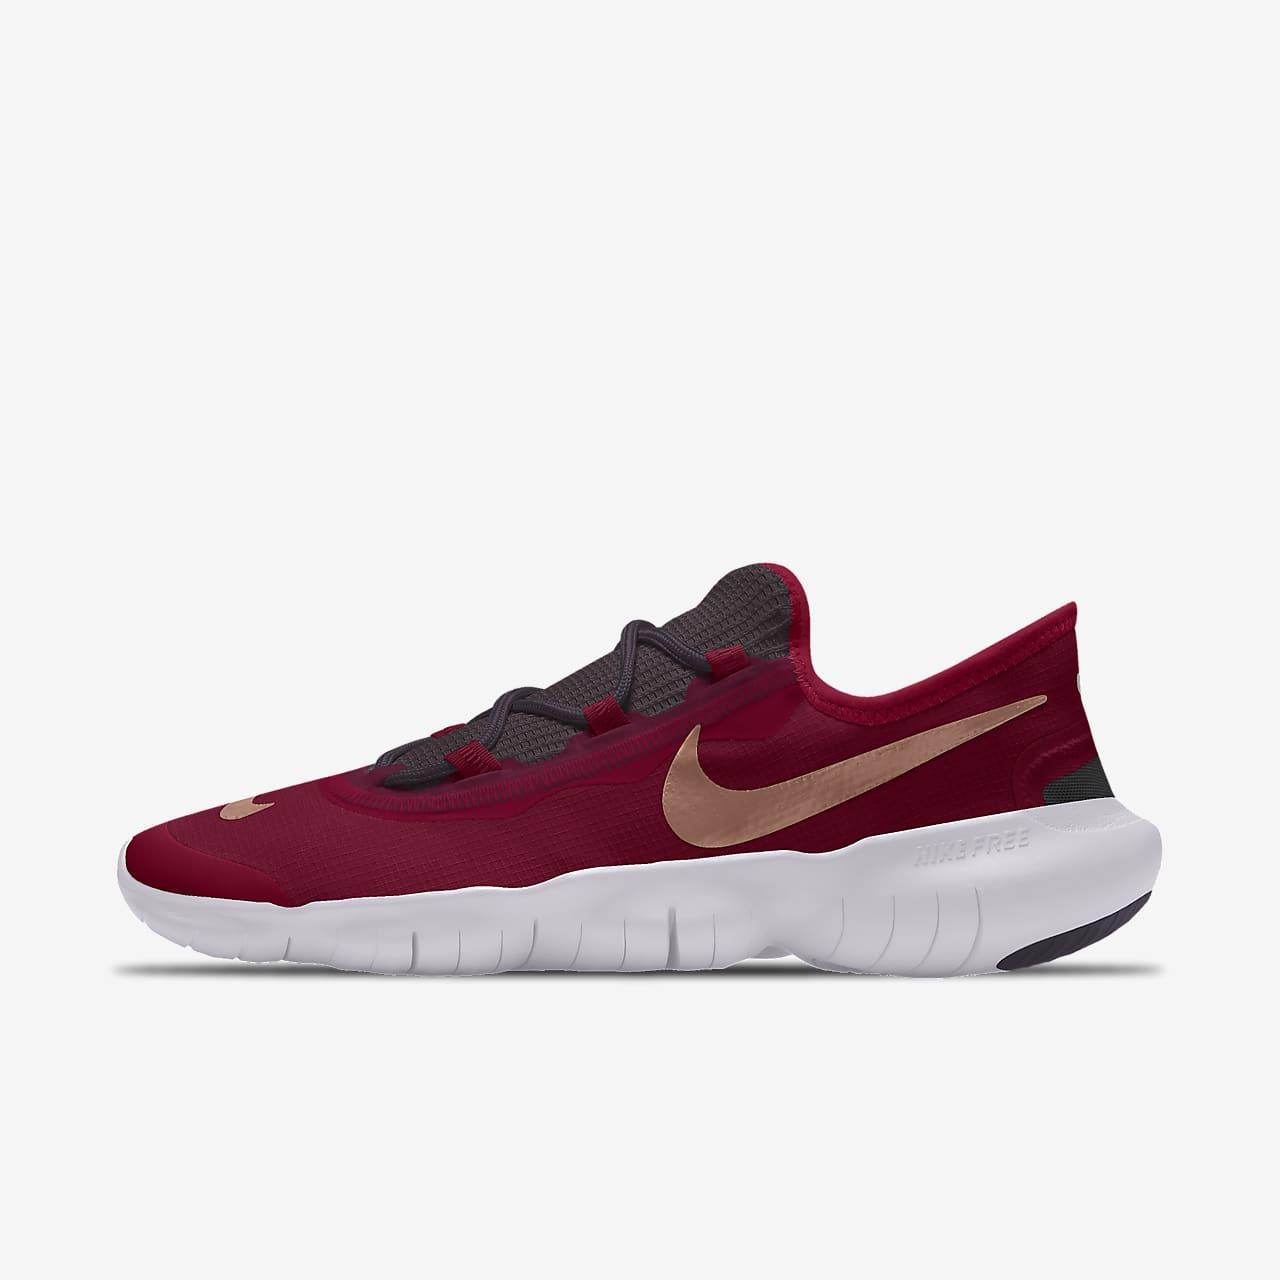 Nike Free RN 5.0 By You Custom 男子跑步鞋